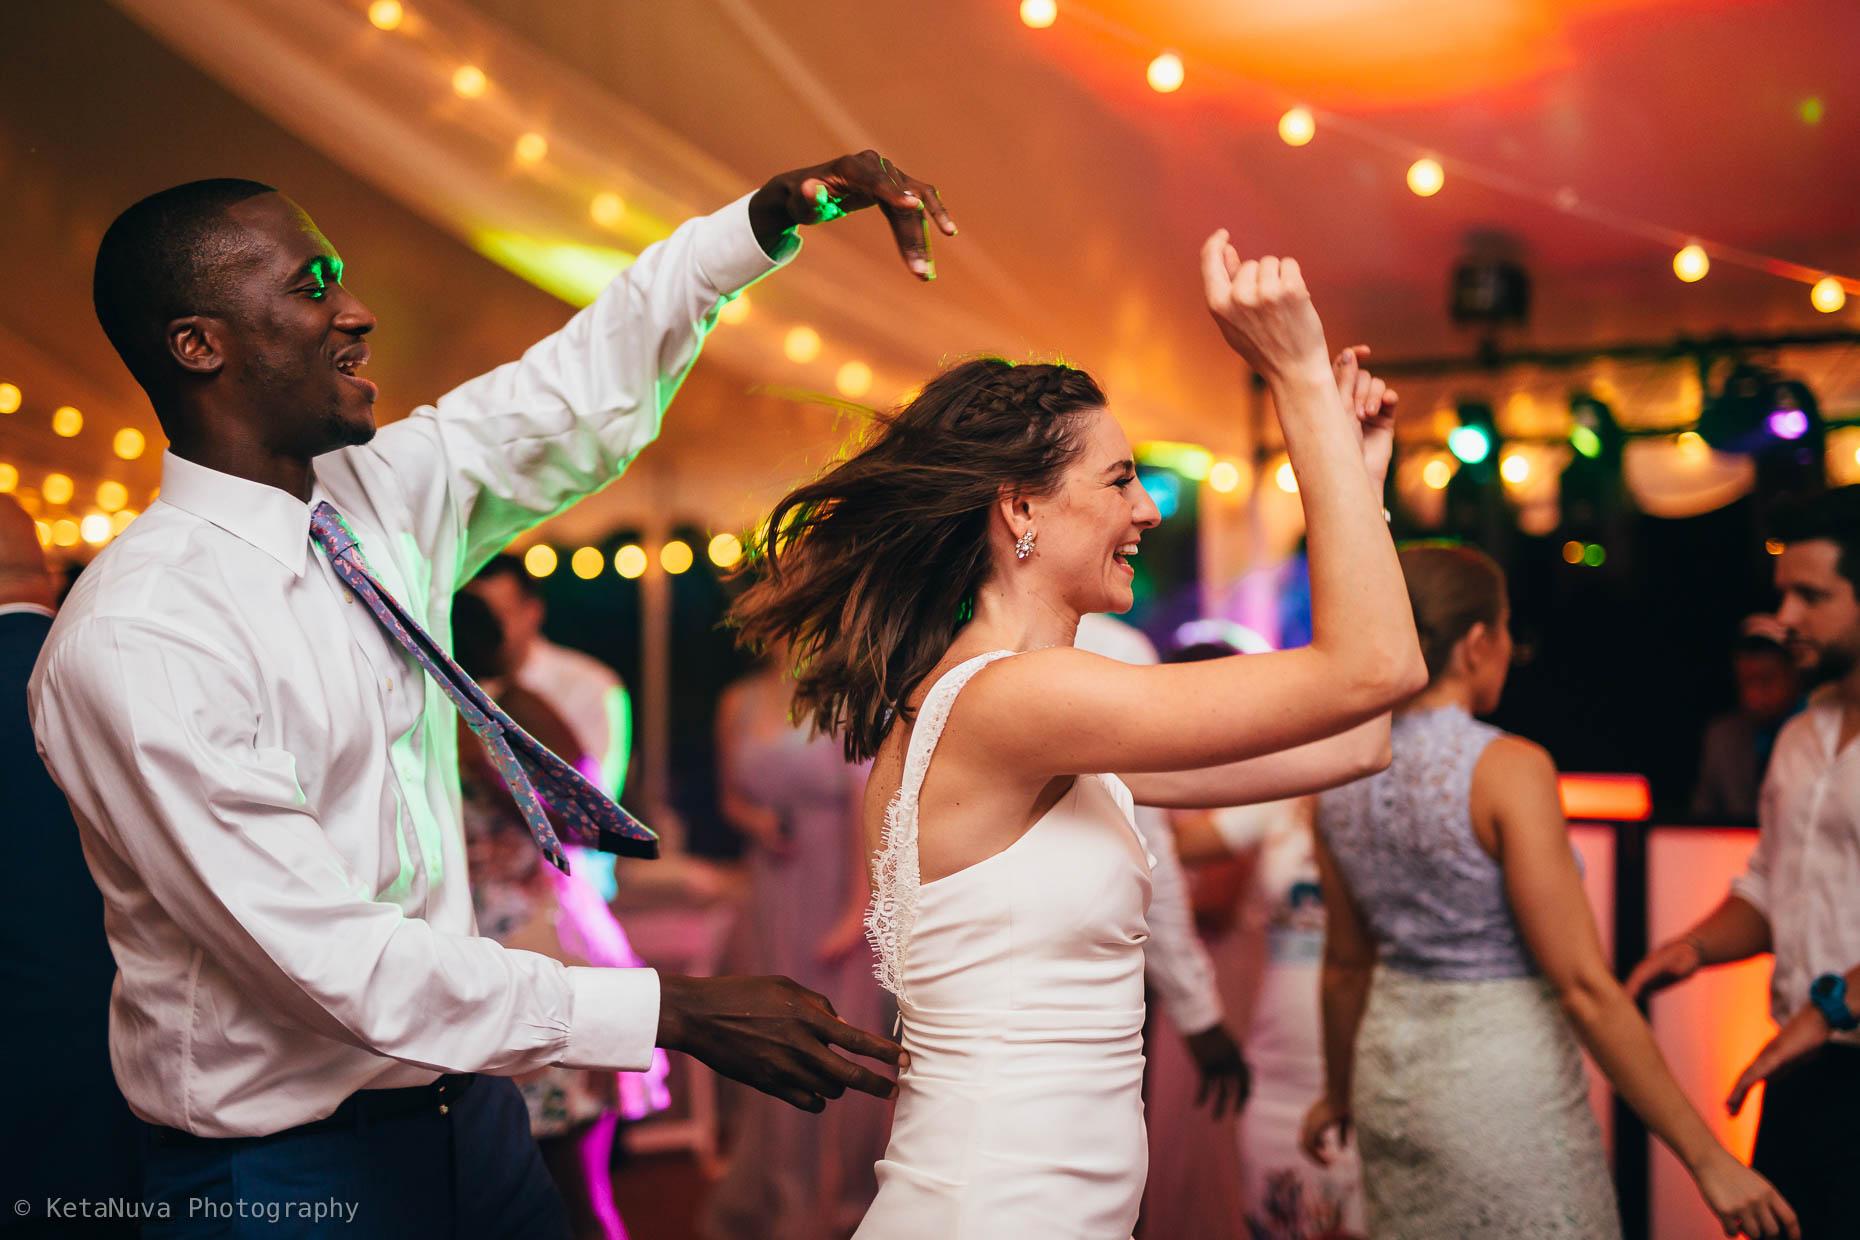 Sunken Garden - Lauxmont Farms Wedding | Aubrey & Barrett Lauxmont Farms Wedding Sunken Garden46